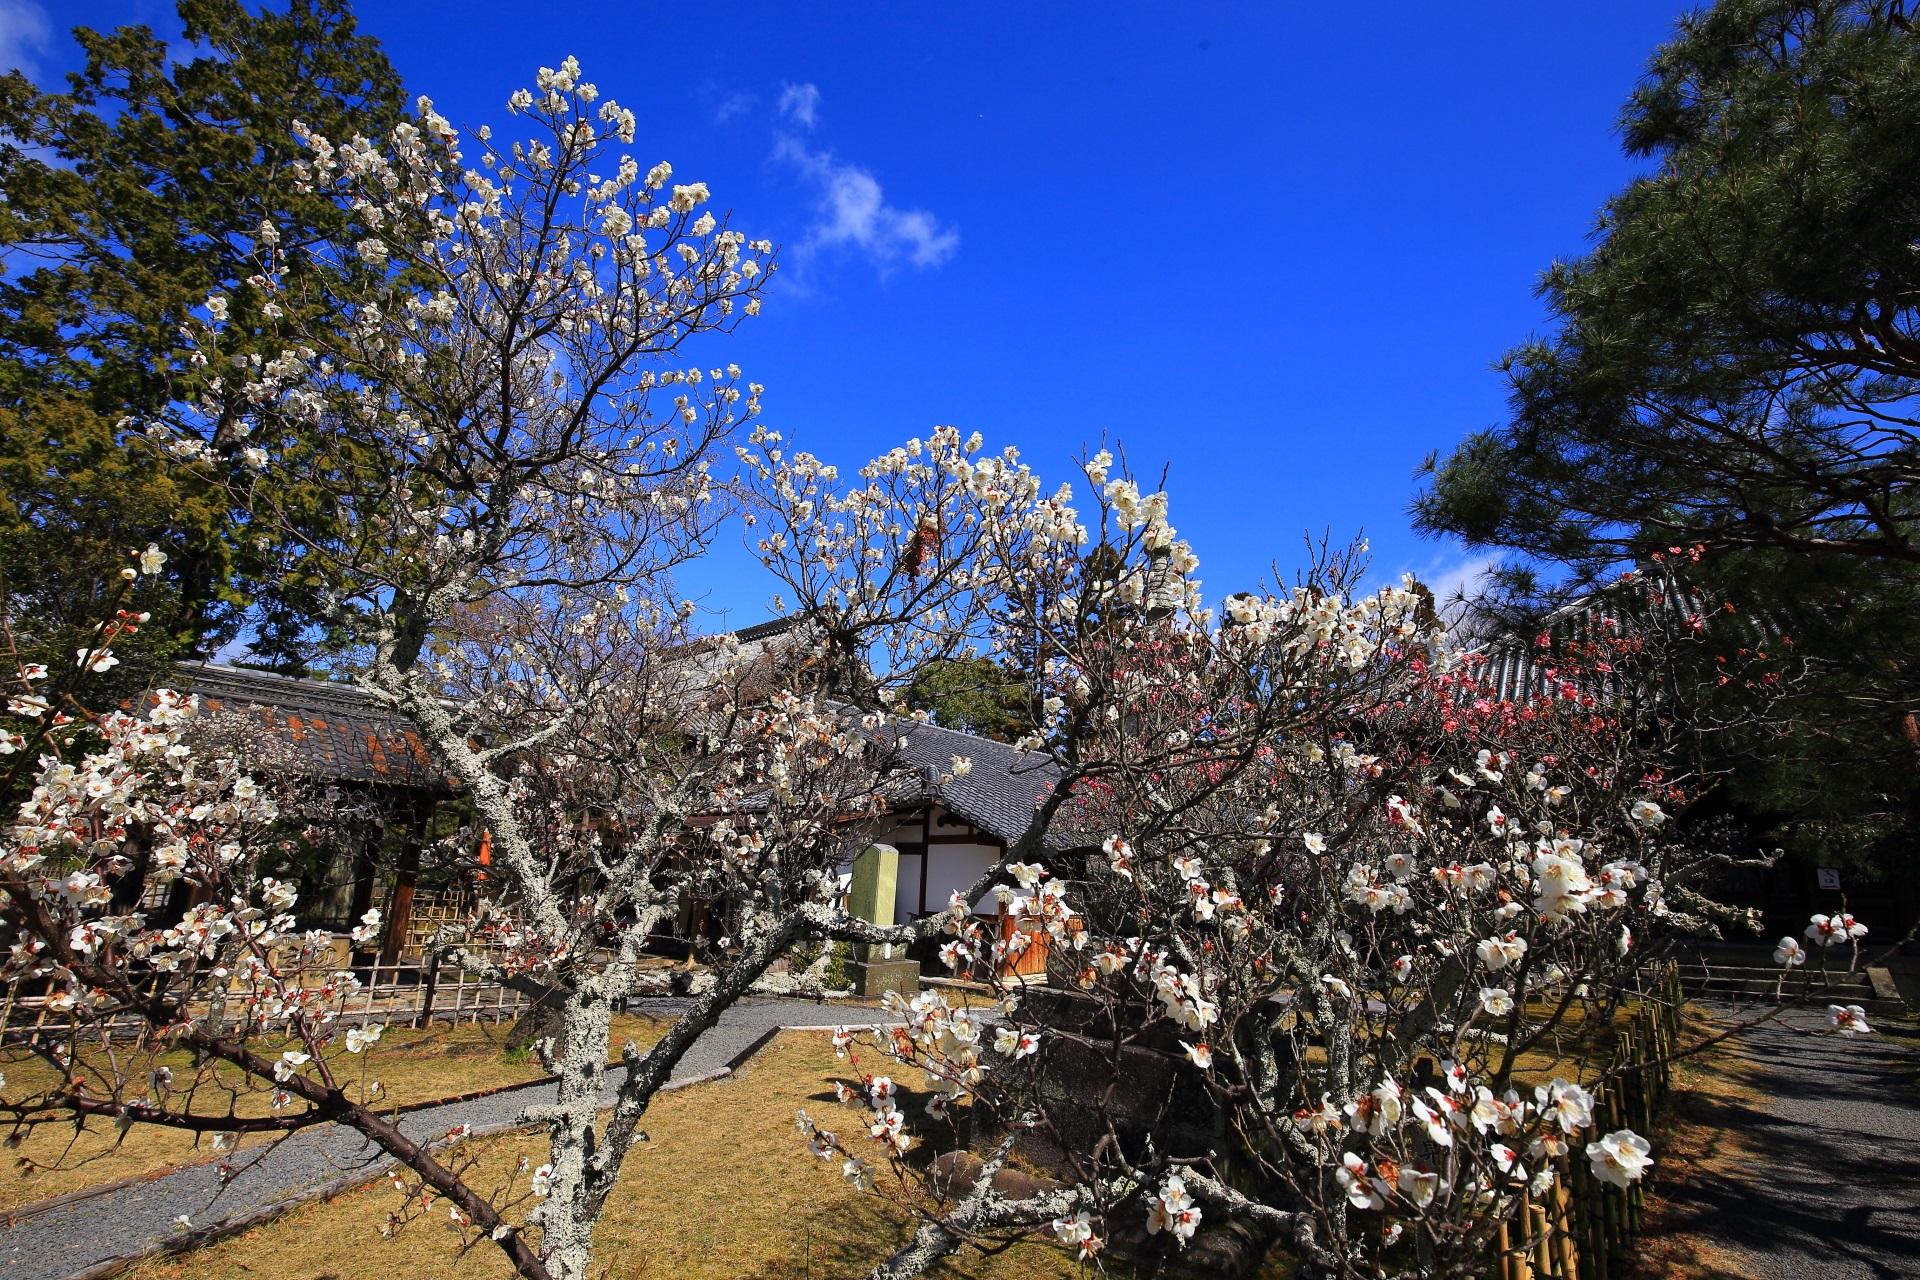 ゆどうふをはじめとする京料理店の竹仙(ちくせん)付近の綺麗な梅